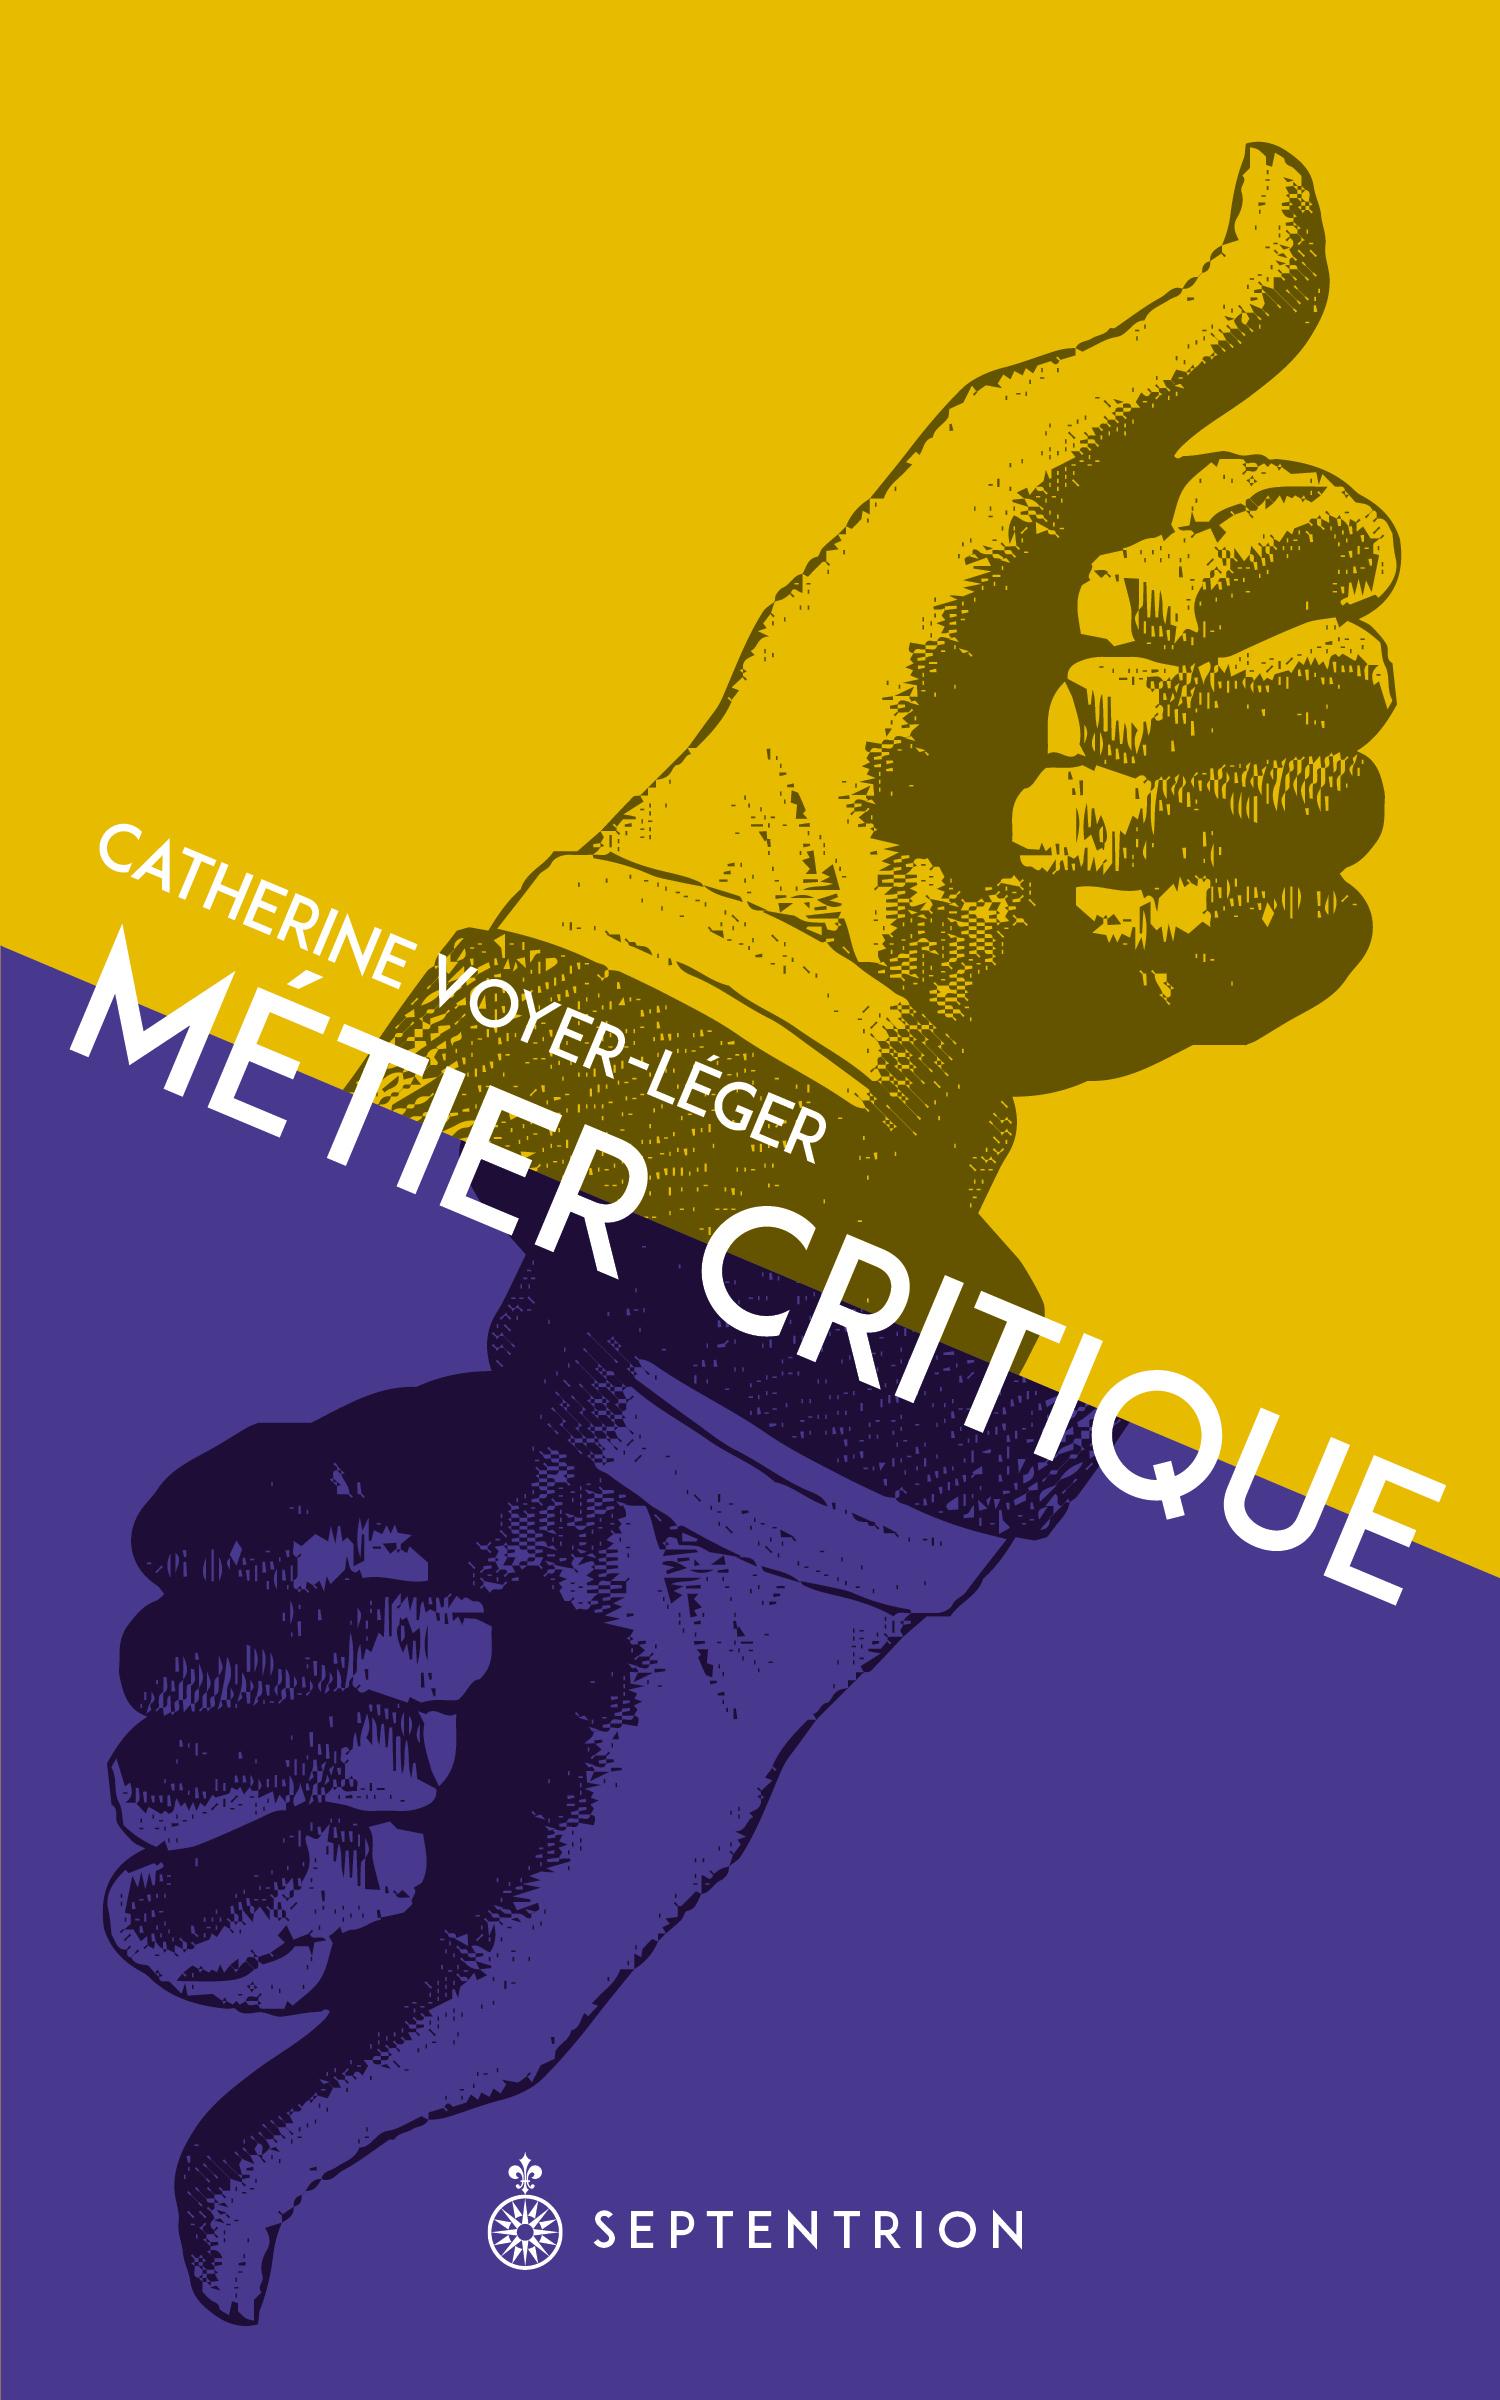 Couverture : Métier critique Catherine Voyer-léger